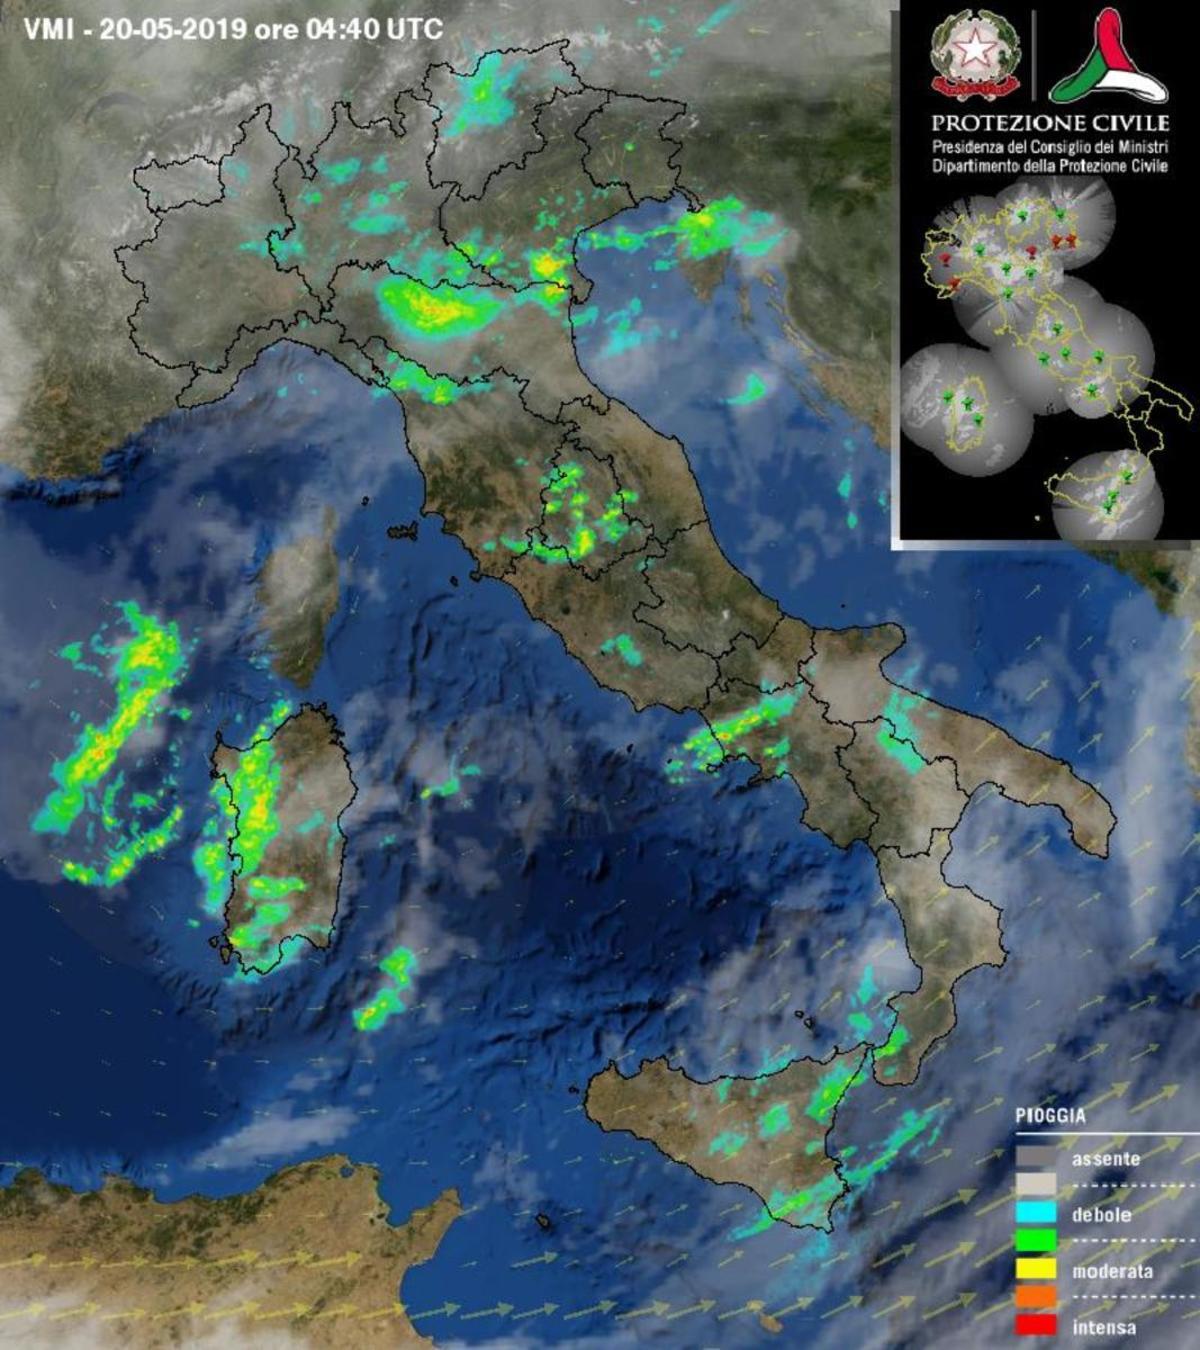 Immagine radar della protezione civile - protezionecivile.gov.it